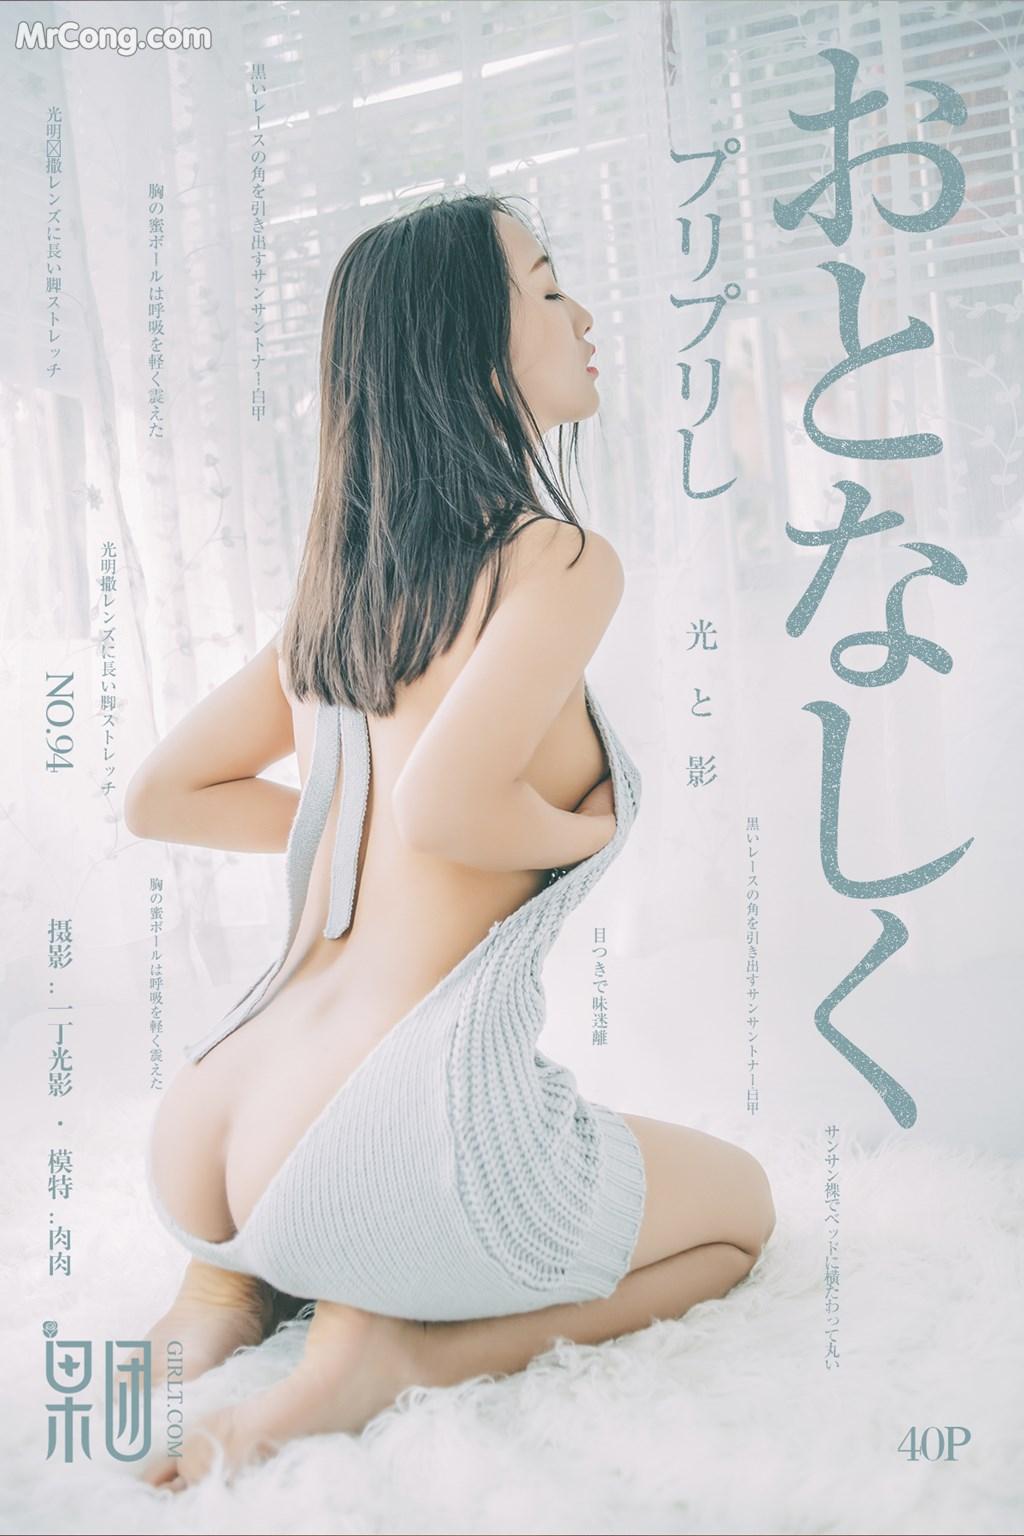 GIRLT No.094: Người mẫu Rou Rou (肉肉) (41 ảnh)